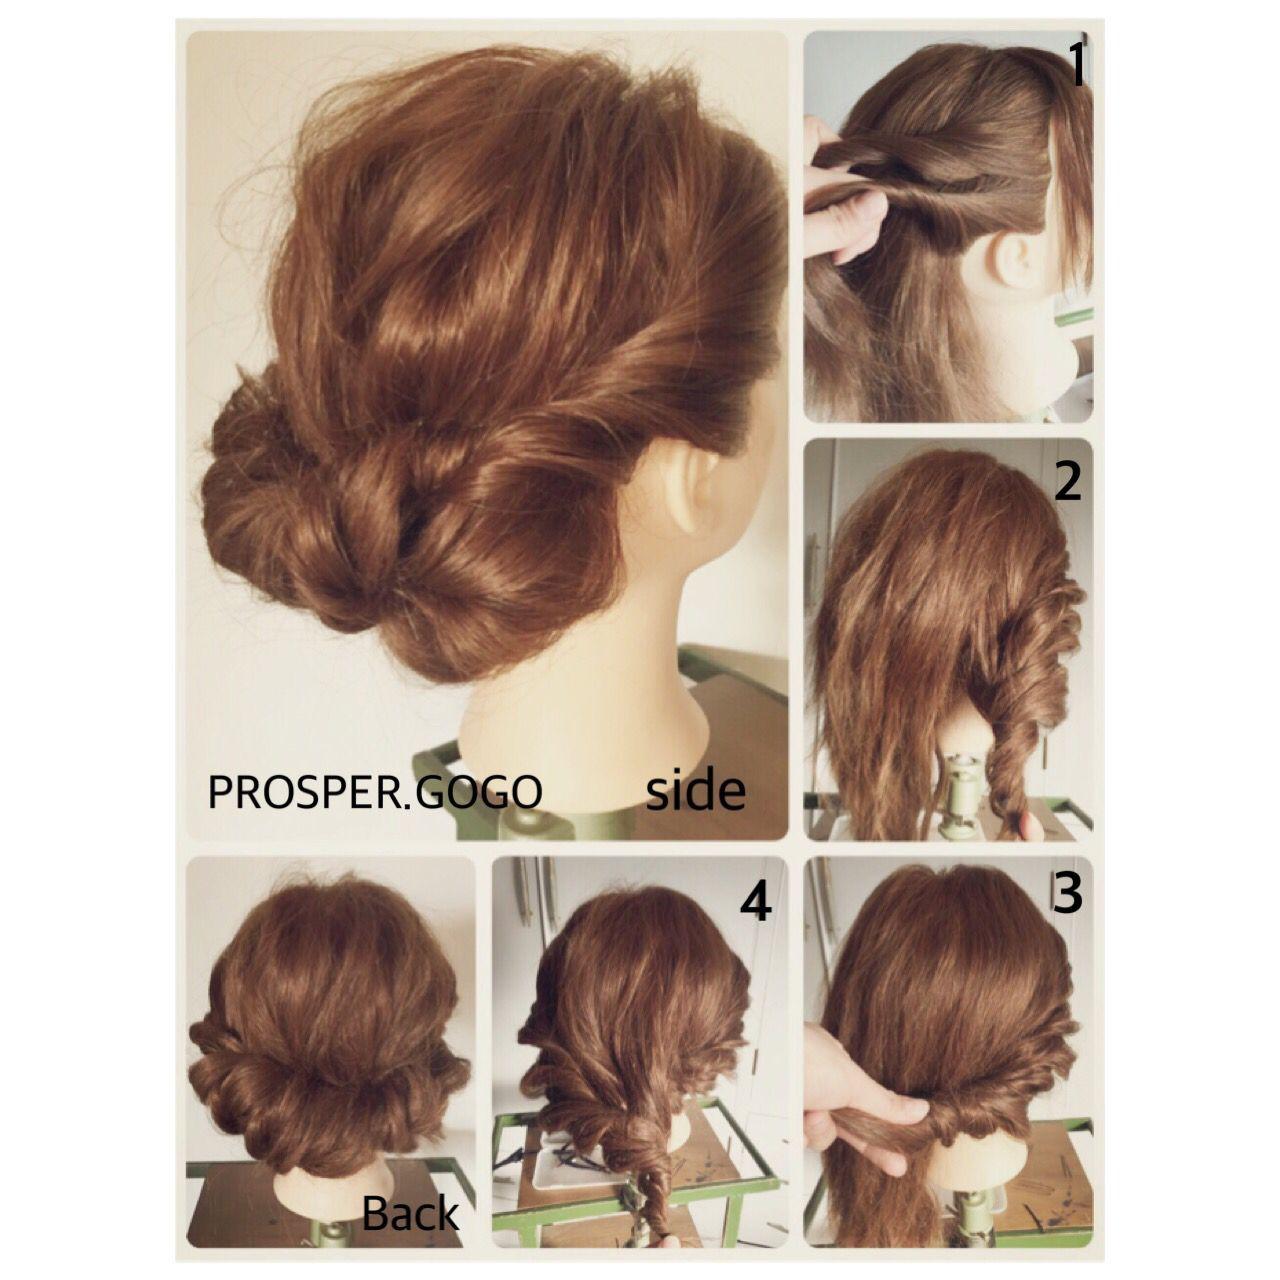 セルフヘアアレンジ ツイスト 簡単ヘアアレンジ 編み込み ヘアスタイルや髪型の写真・画像